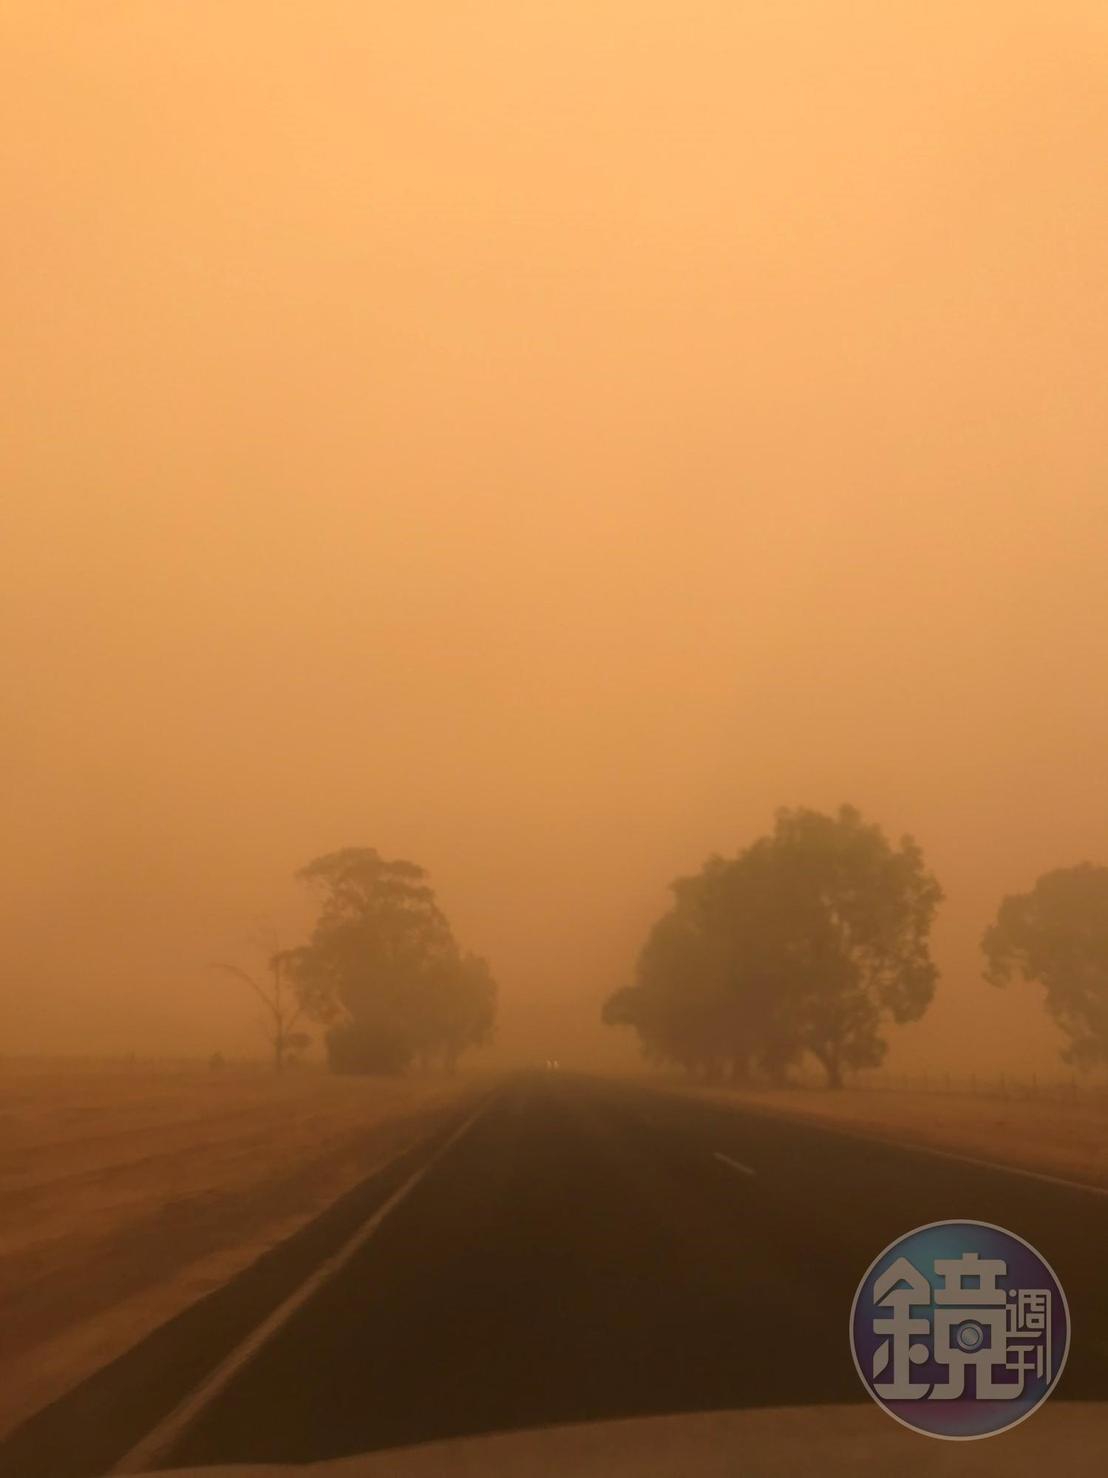 整個澳洲天空已經變成橘色一片,空氣污染嚴重。(讀者提供)